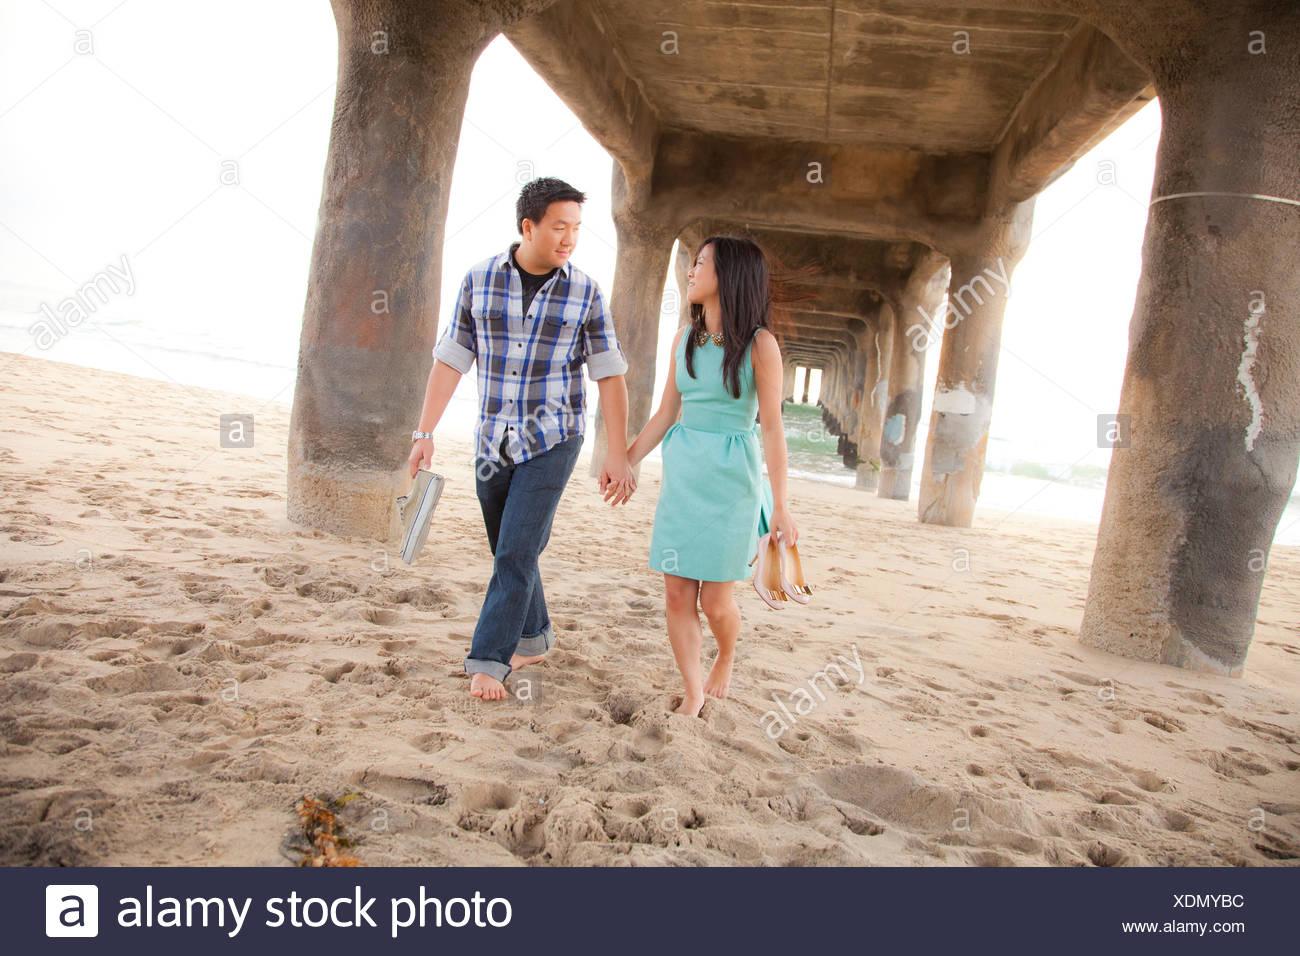 Paar Hand in Hand, barfuß zu gehen, unter einem pier Stockbild